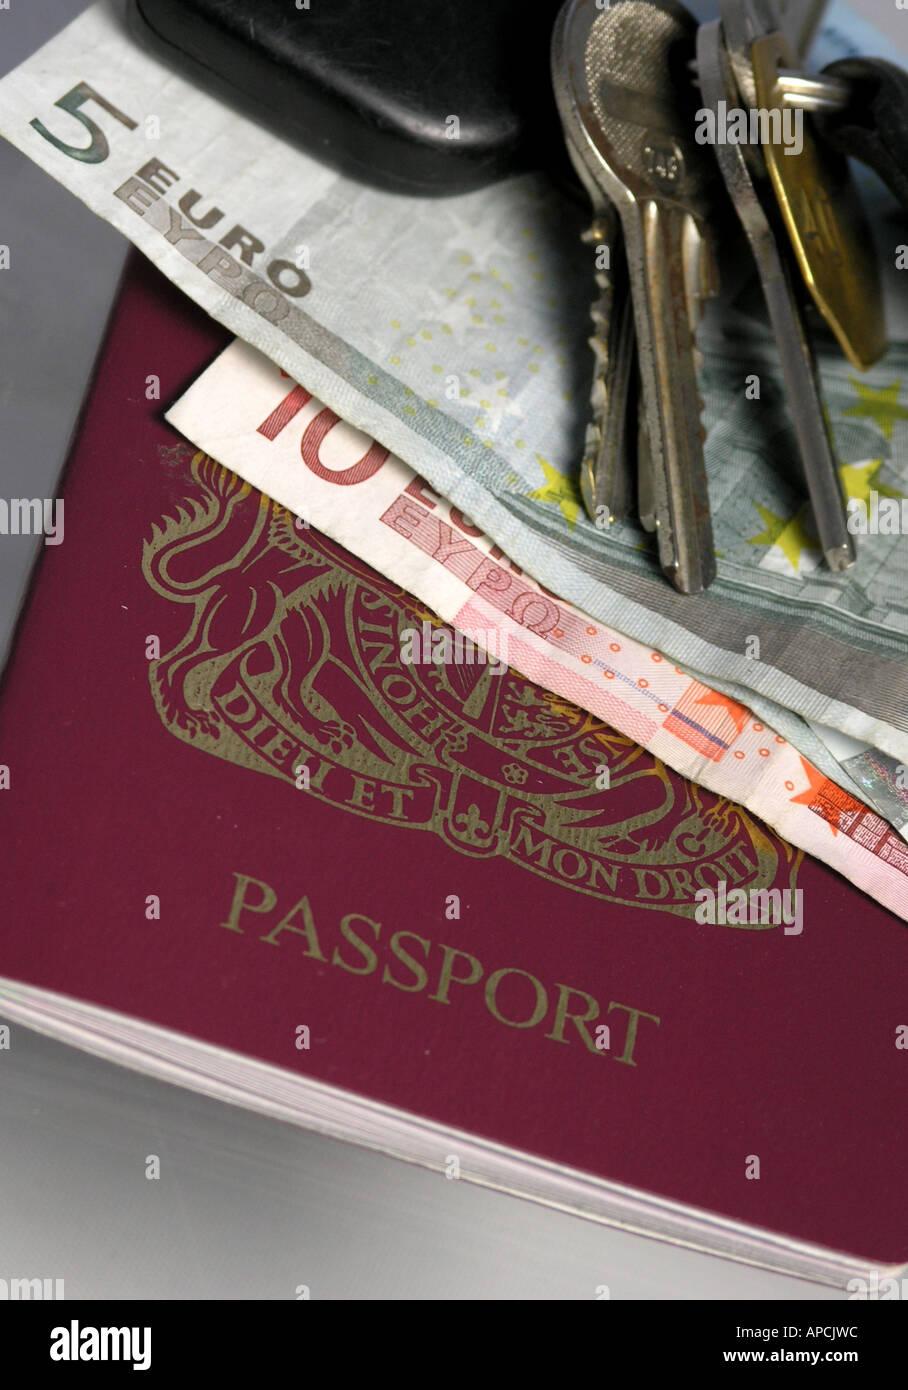 Uk Passport Euros Car Keys Stock Photos Uk Passport Euros Car Keys